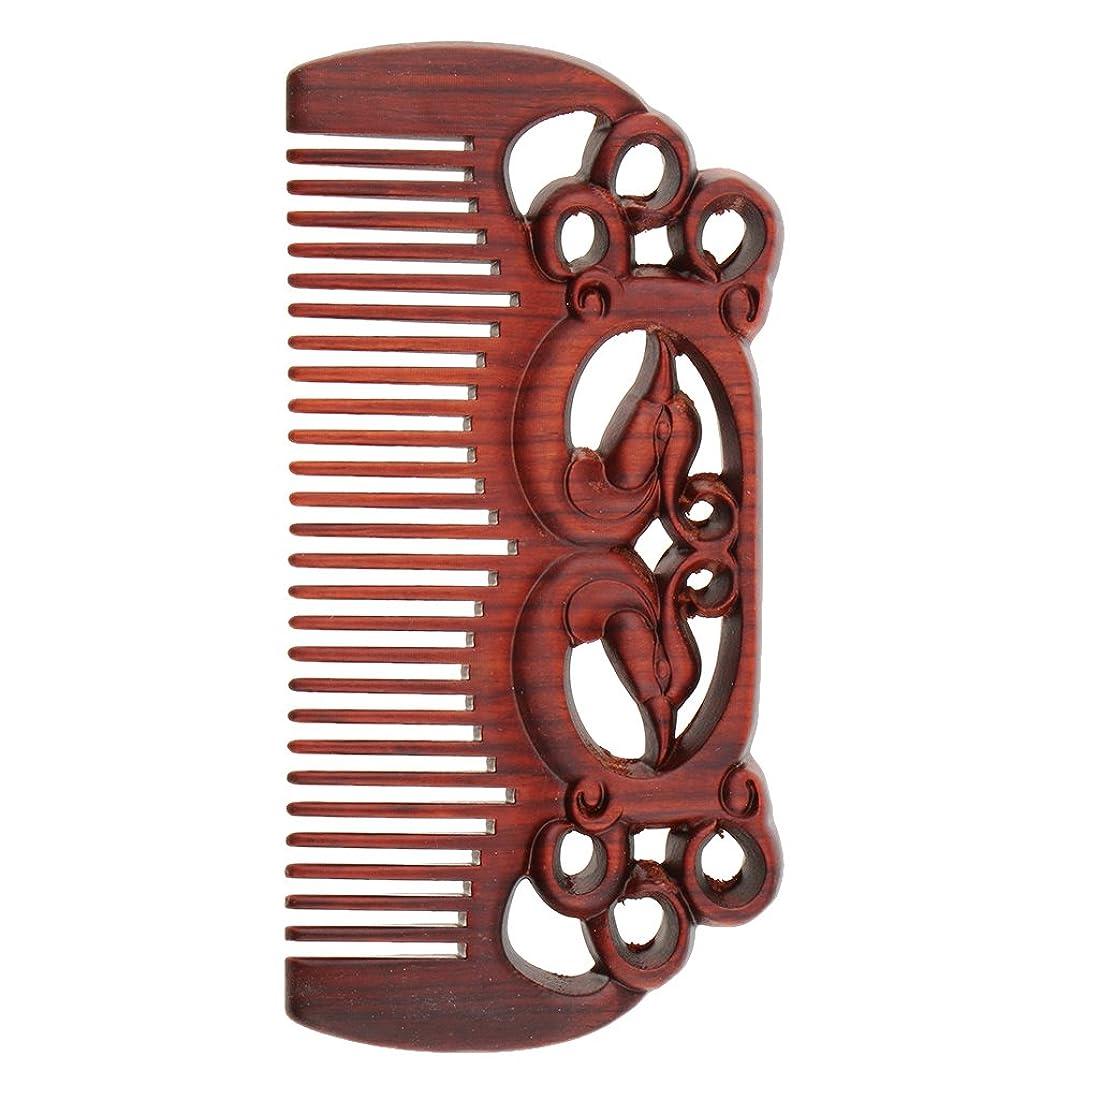 密接にバラ色取り戻すPerfeclan ウッドコーム 天然木製 高品質 木製櫛 ワイド歯 ヘアブラシ ヘアスタイリング ヘアコーム 2タイプ選べる - #1